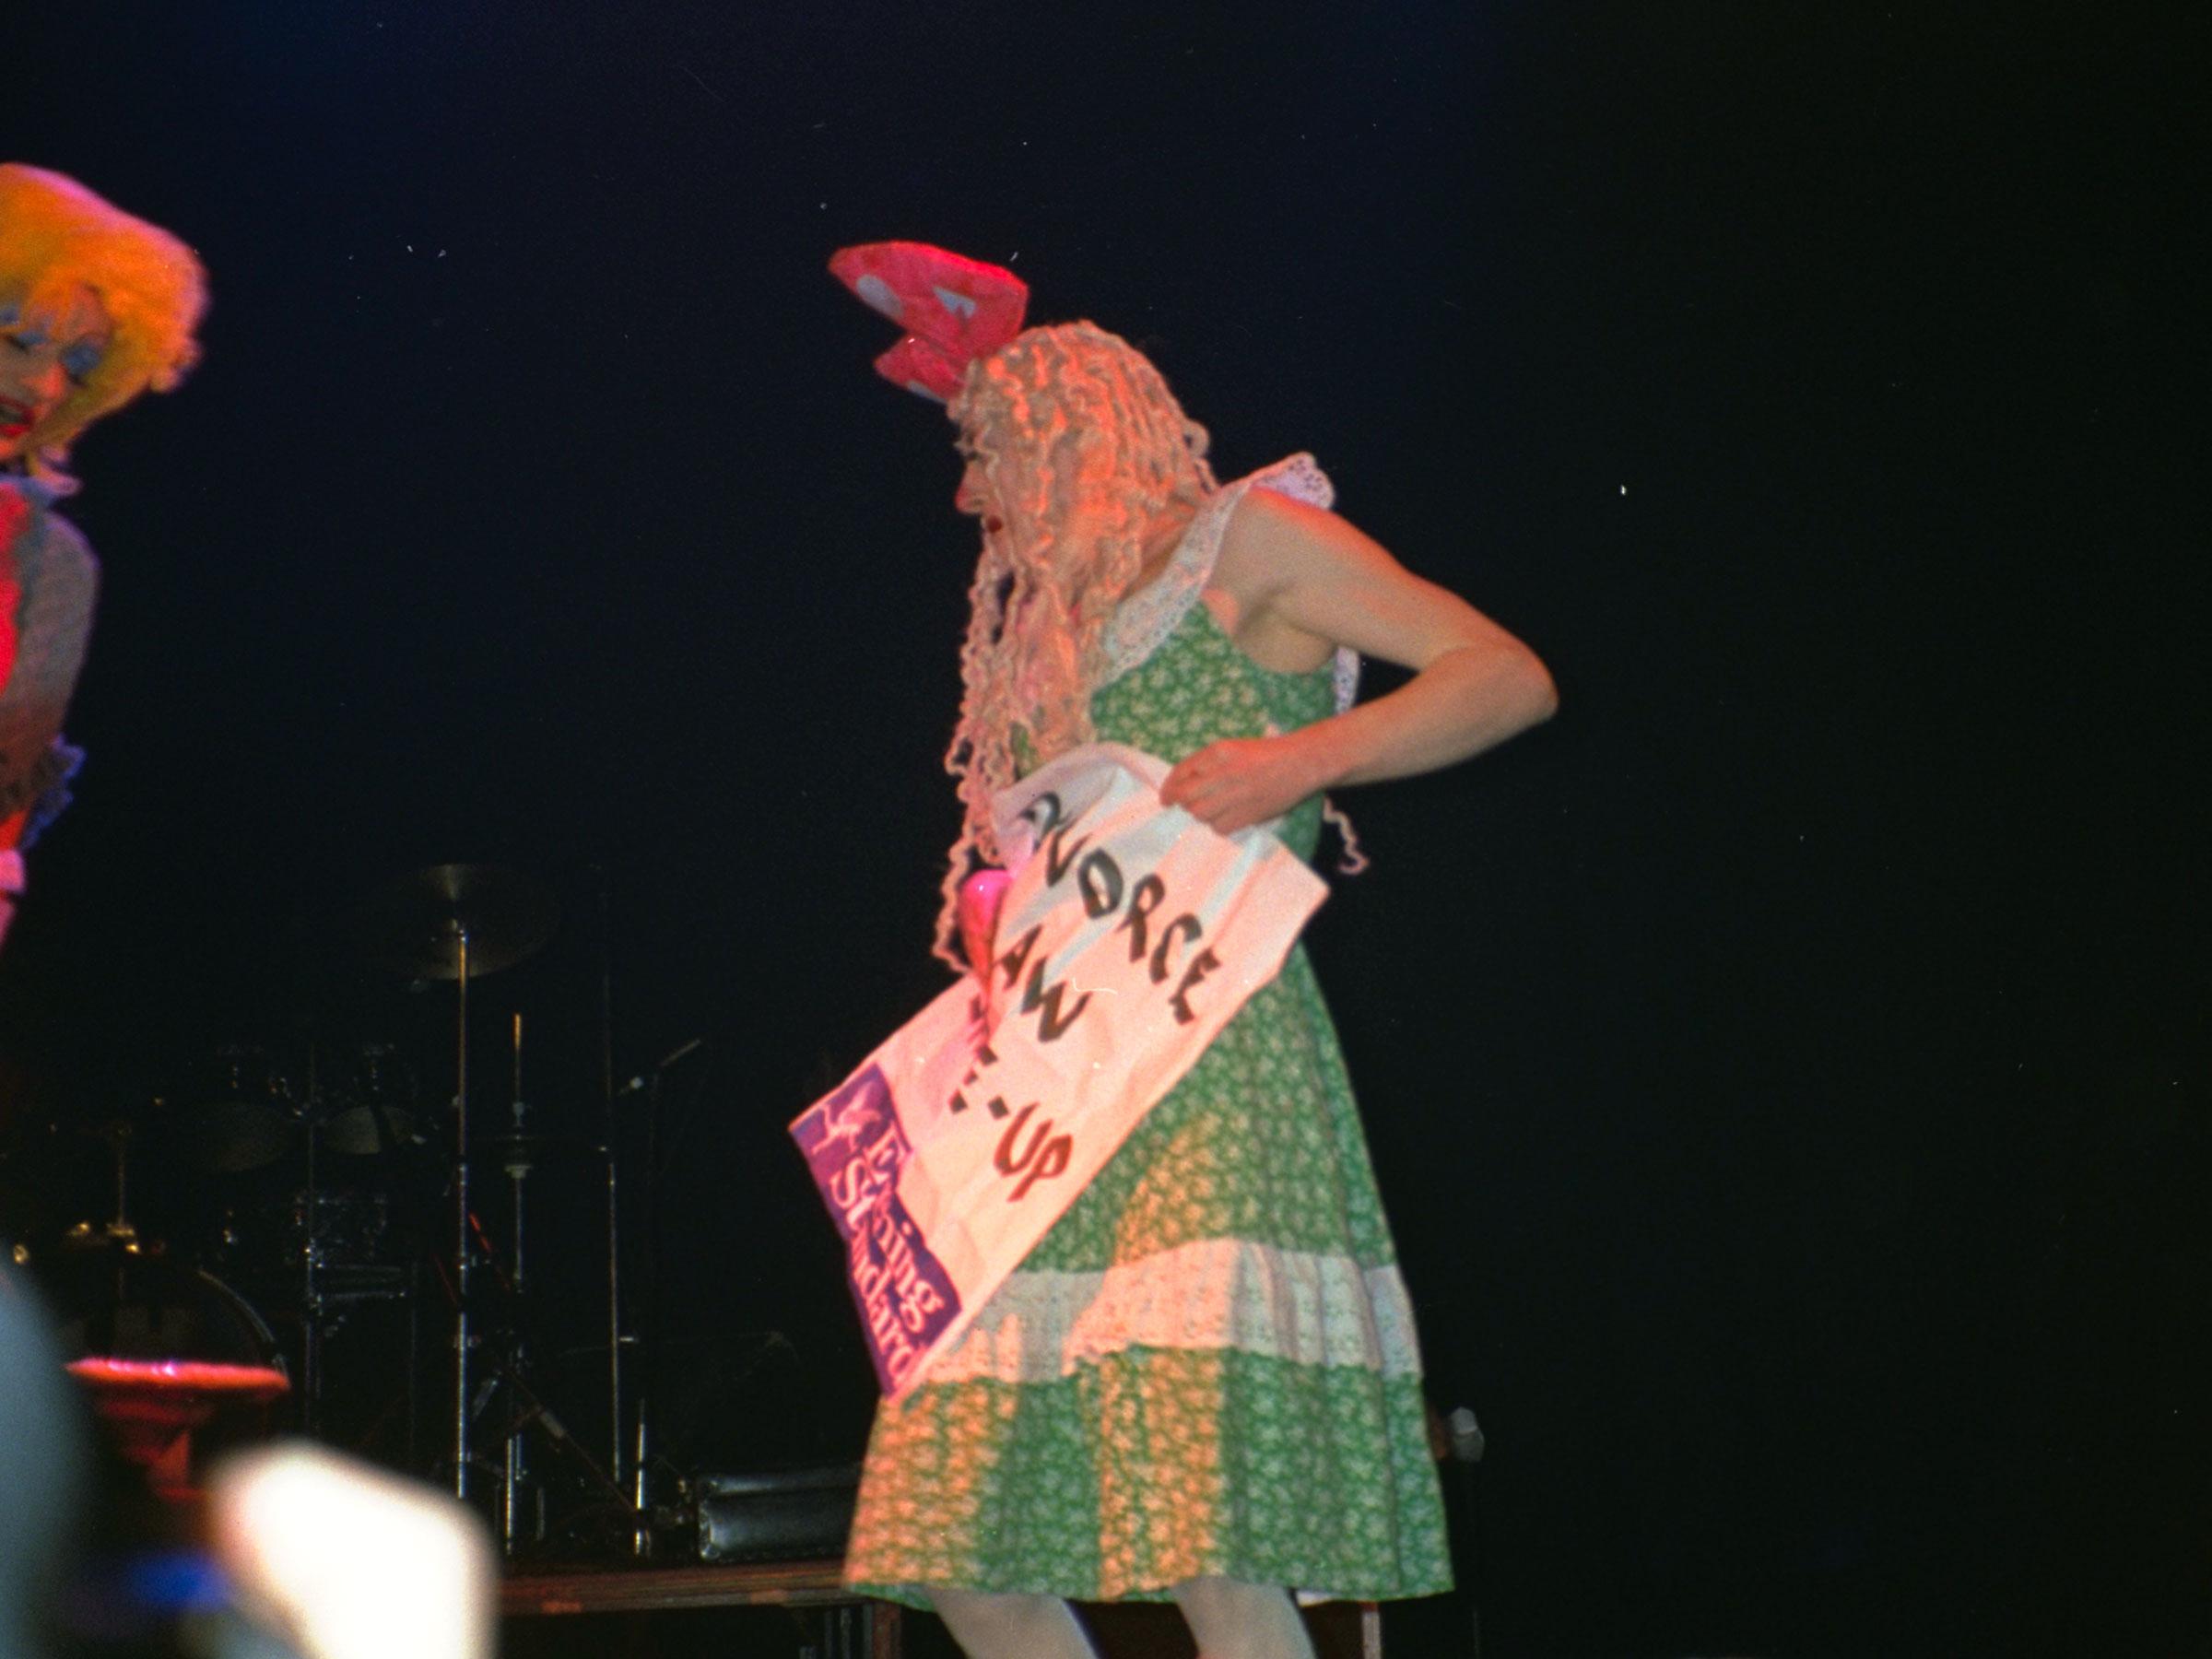 1993-12-12-SF-Winter-Pride-PCD479-043